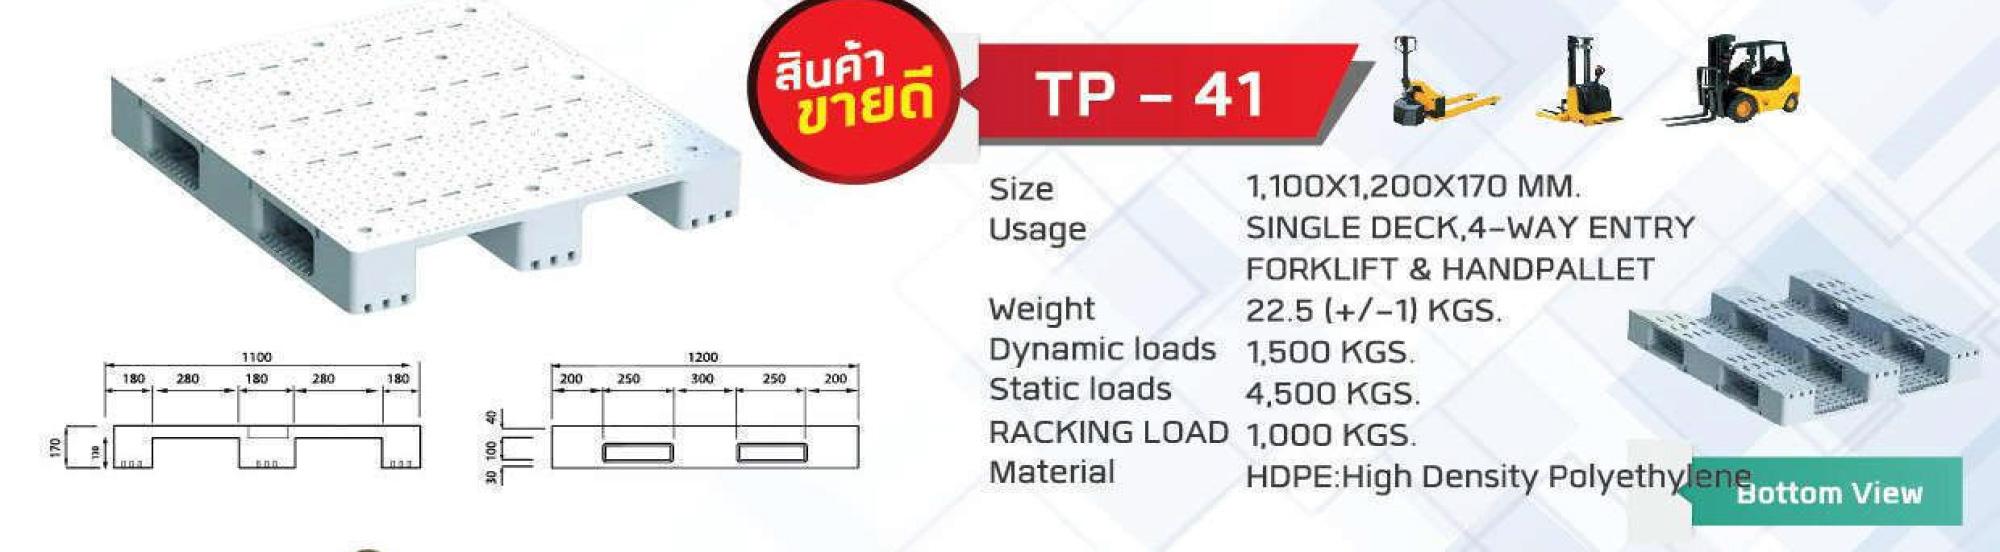 Non-Reversible-pallet-TP-41